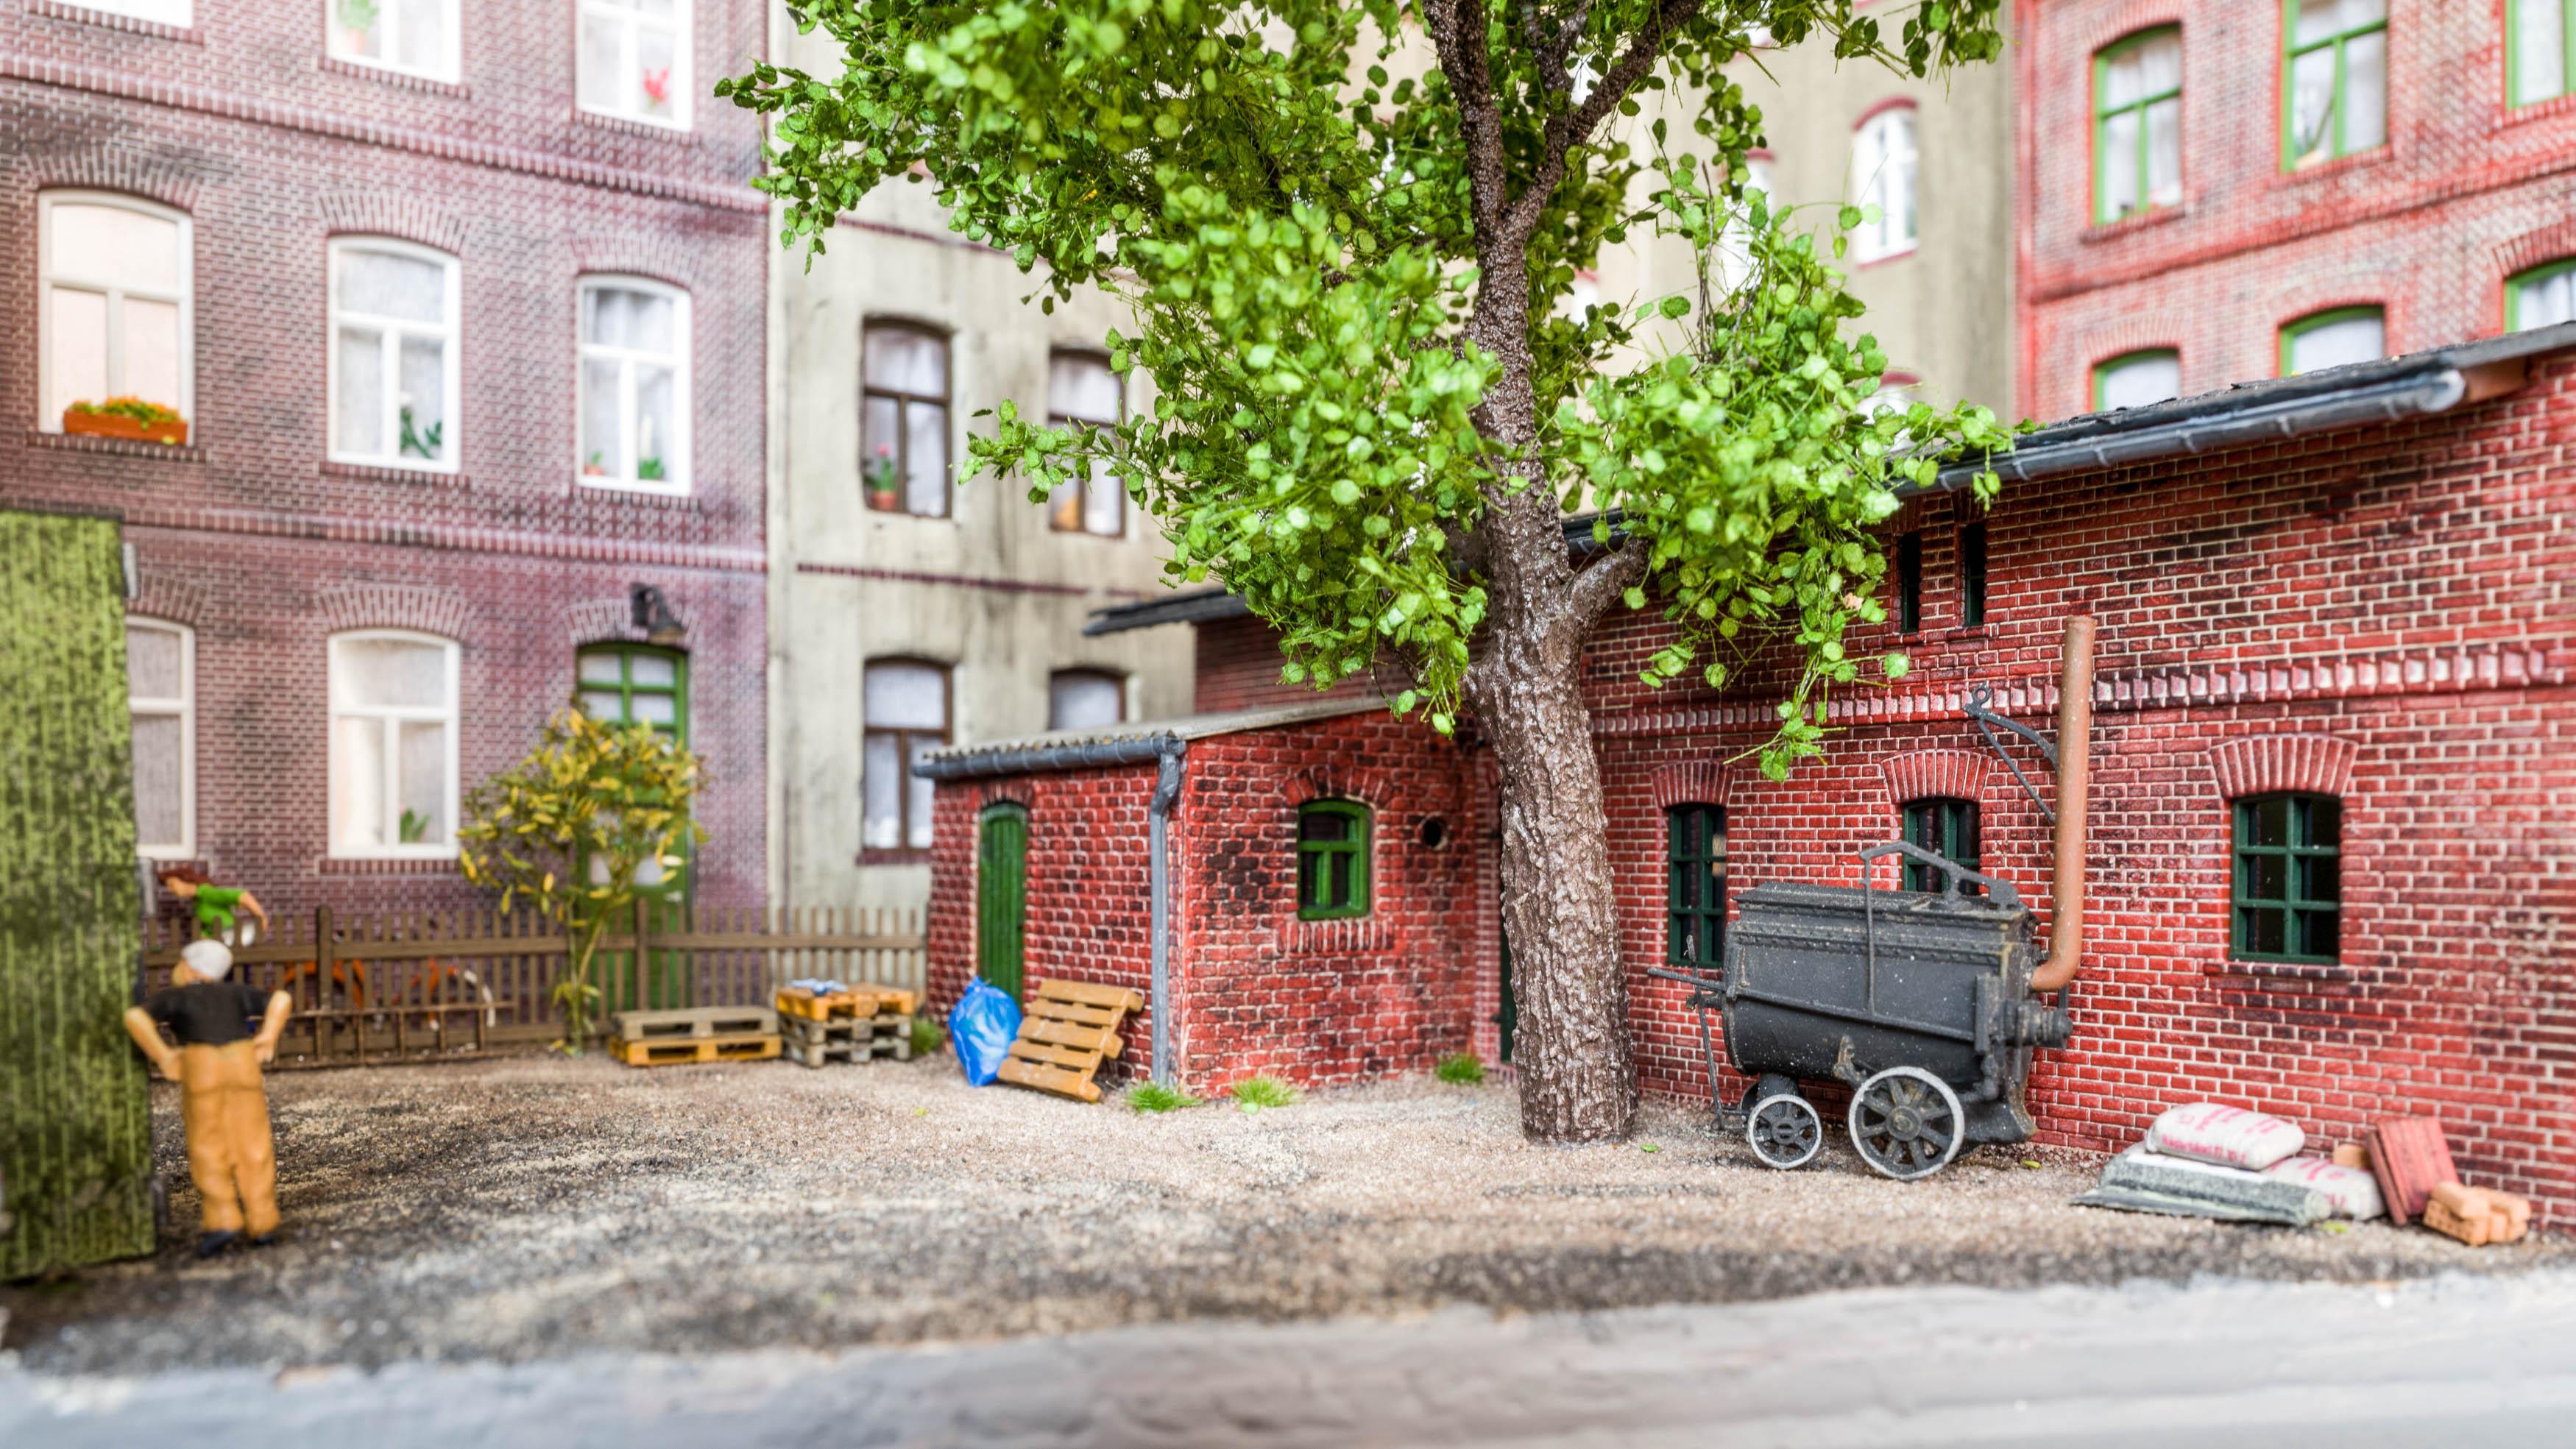 modellinghour.com_Auhagen15